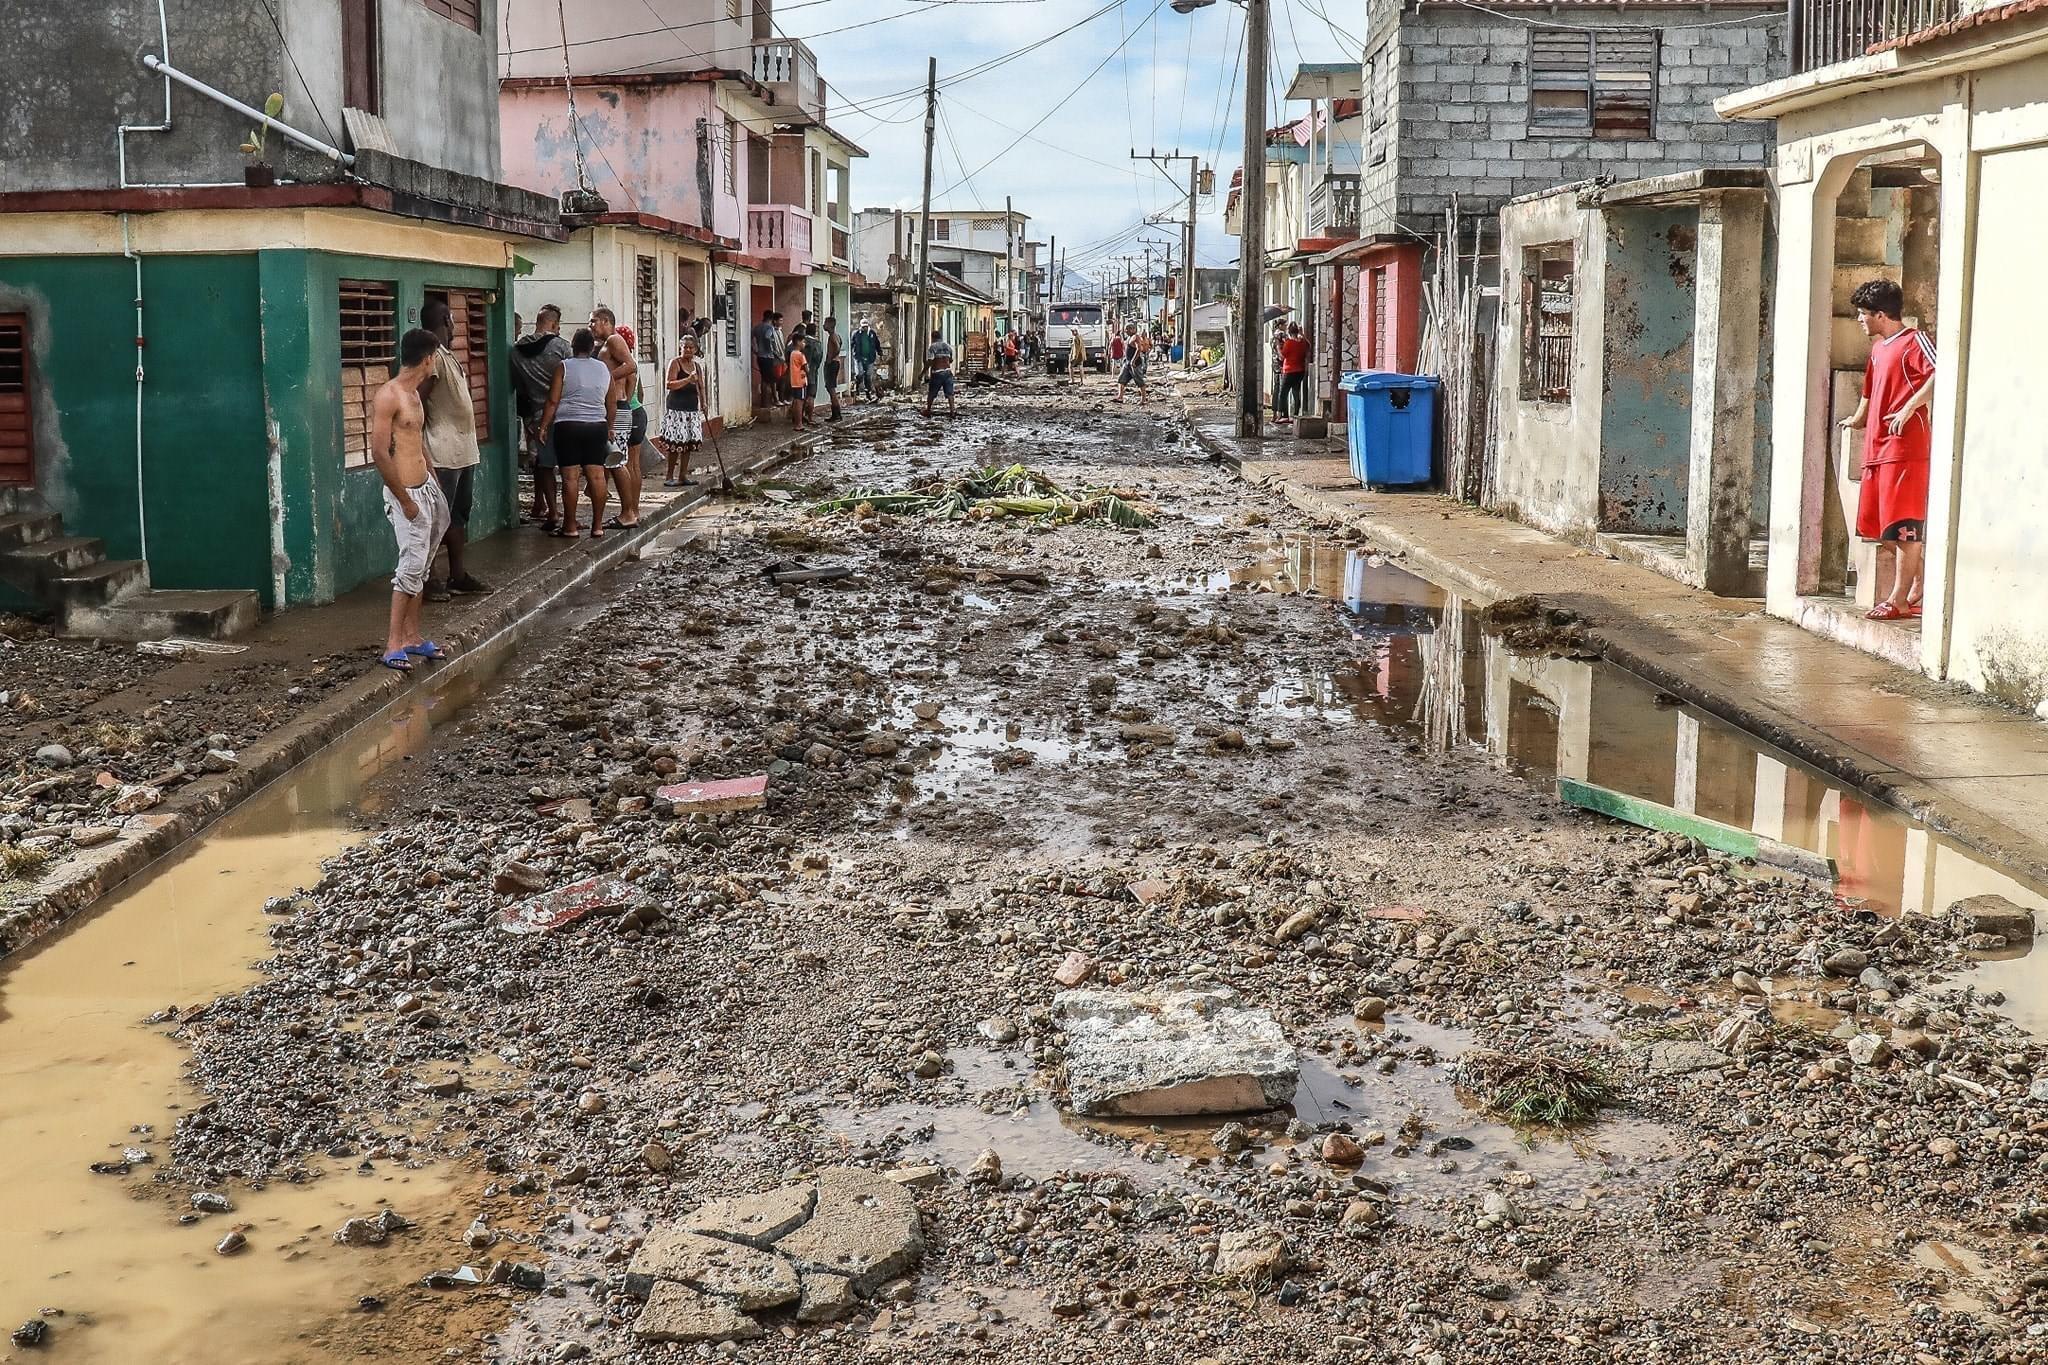 Daños causados por el huracán Isaías en Baracoa. Foto: Rubén Aja / Facebook.